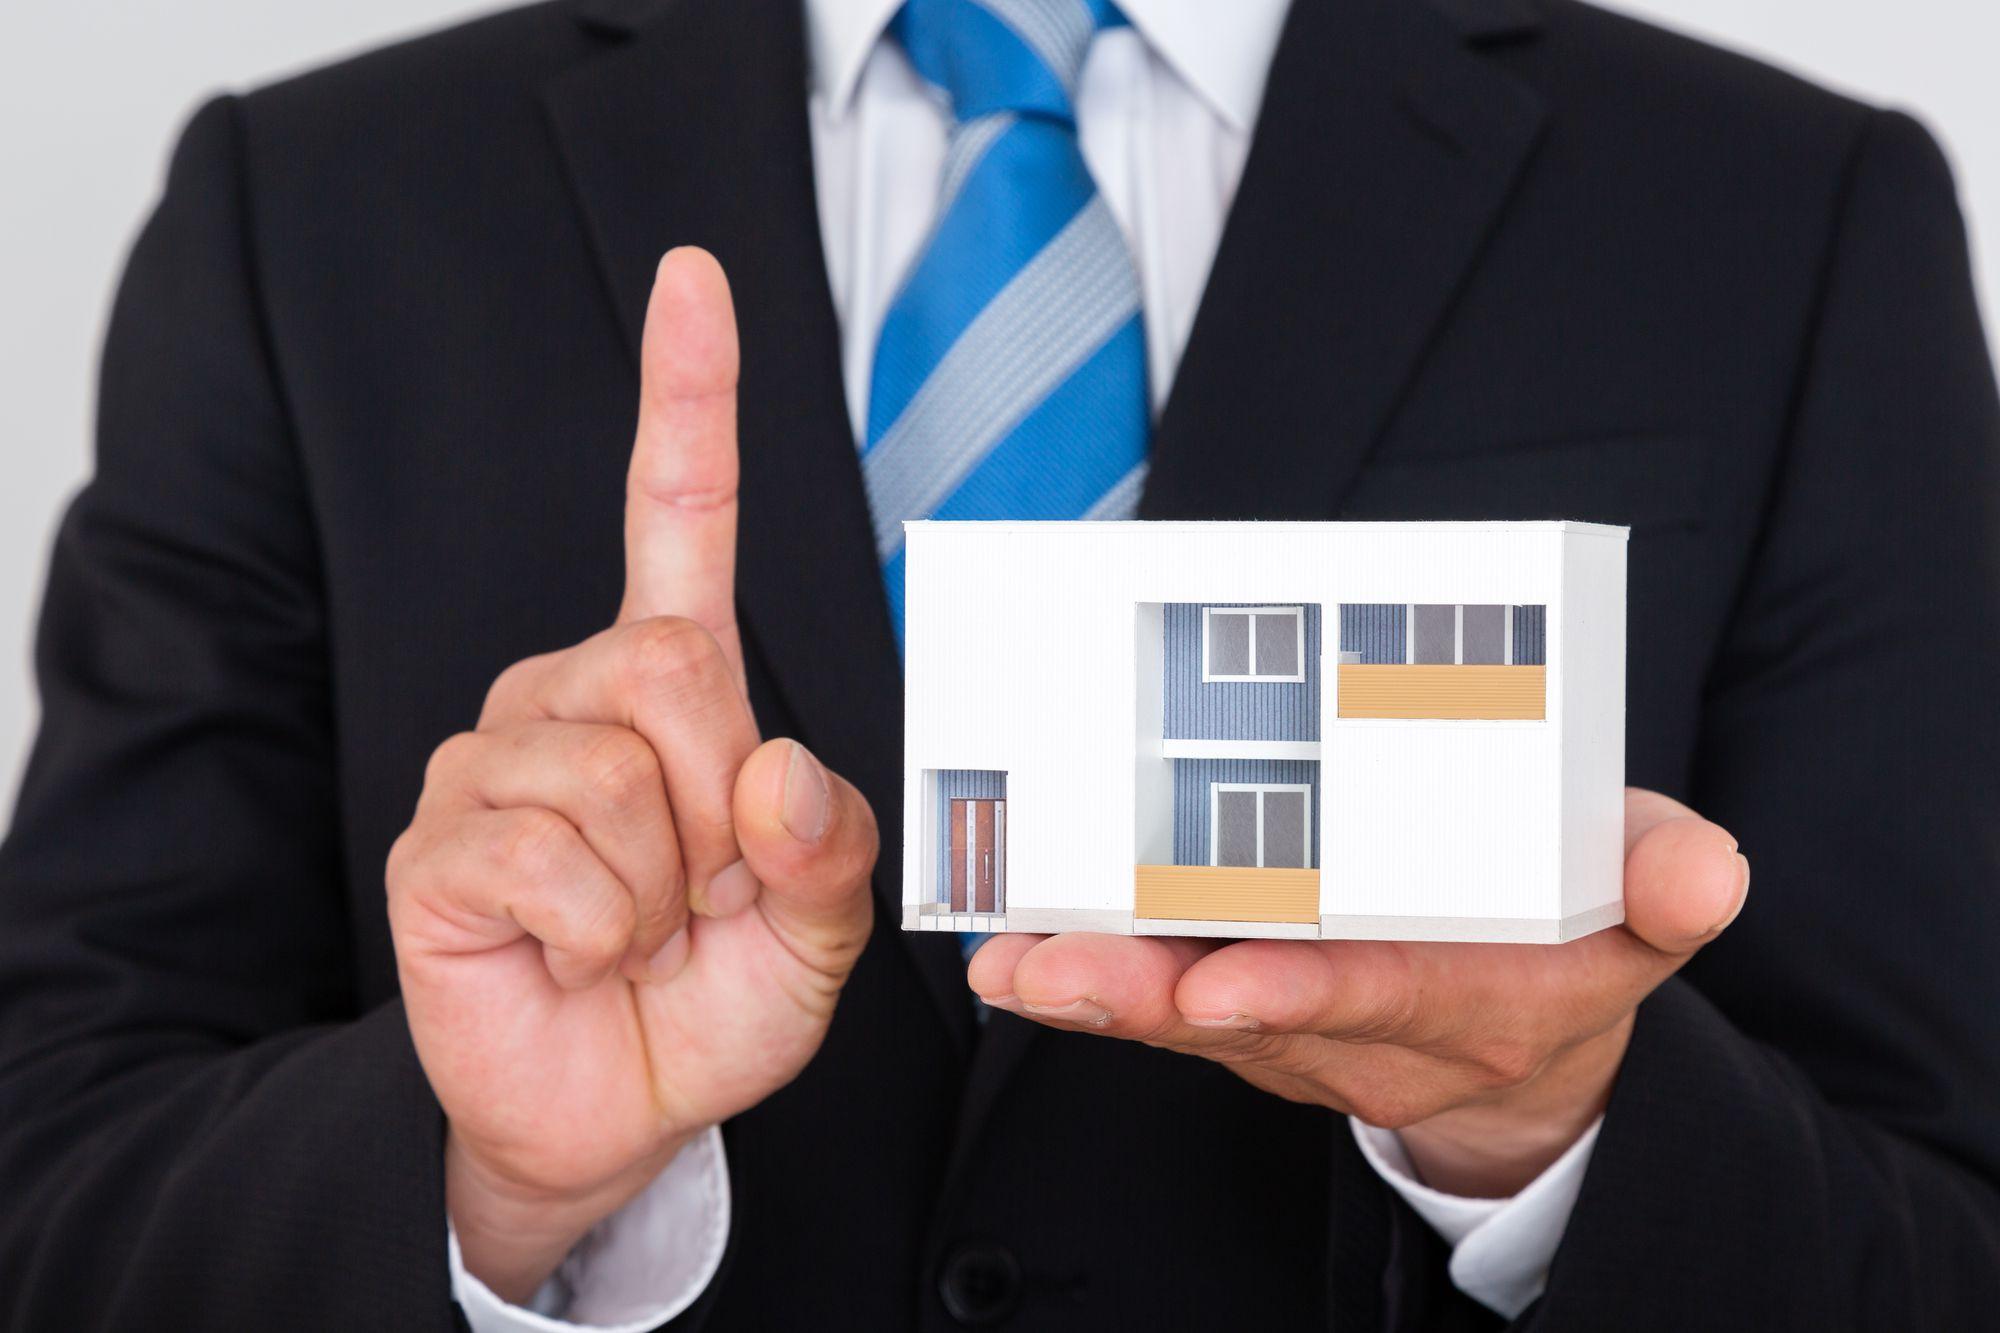 外壁塗装・屋根塗装のリフォームを検討したら準備すべきこと